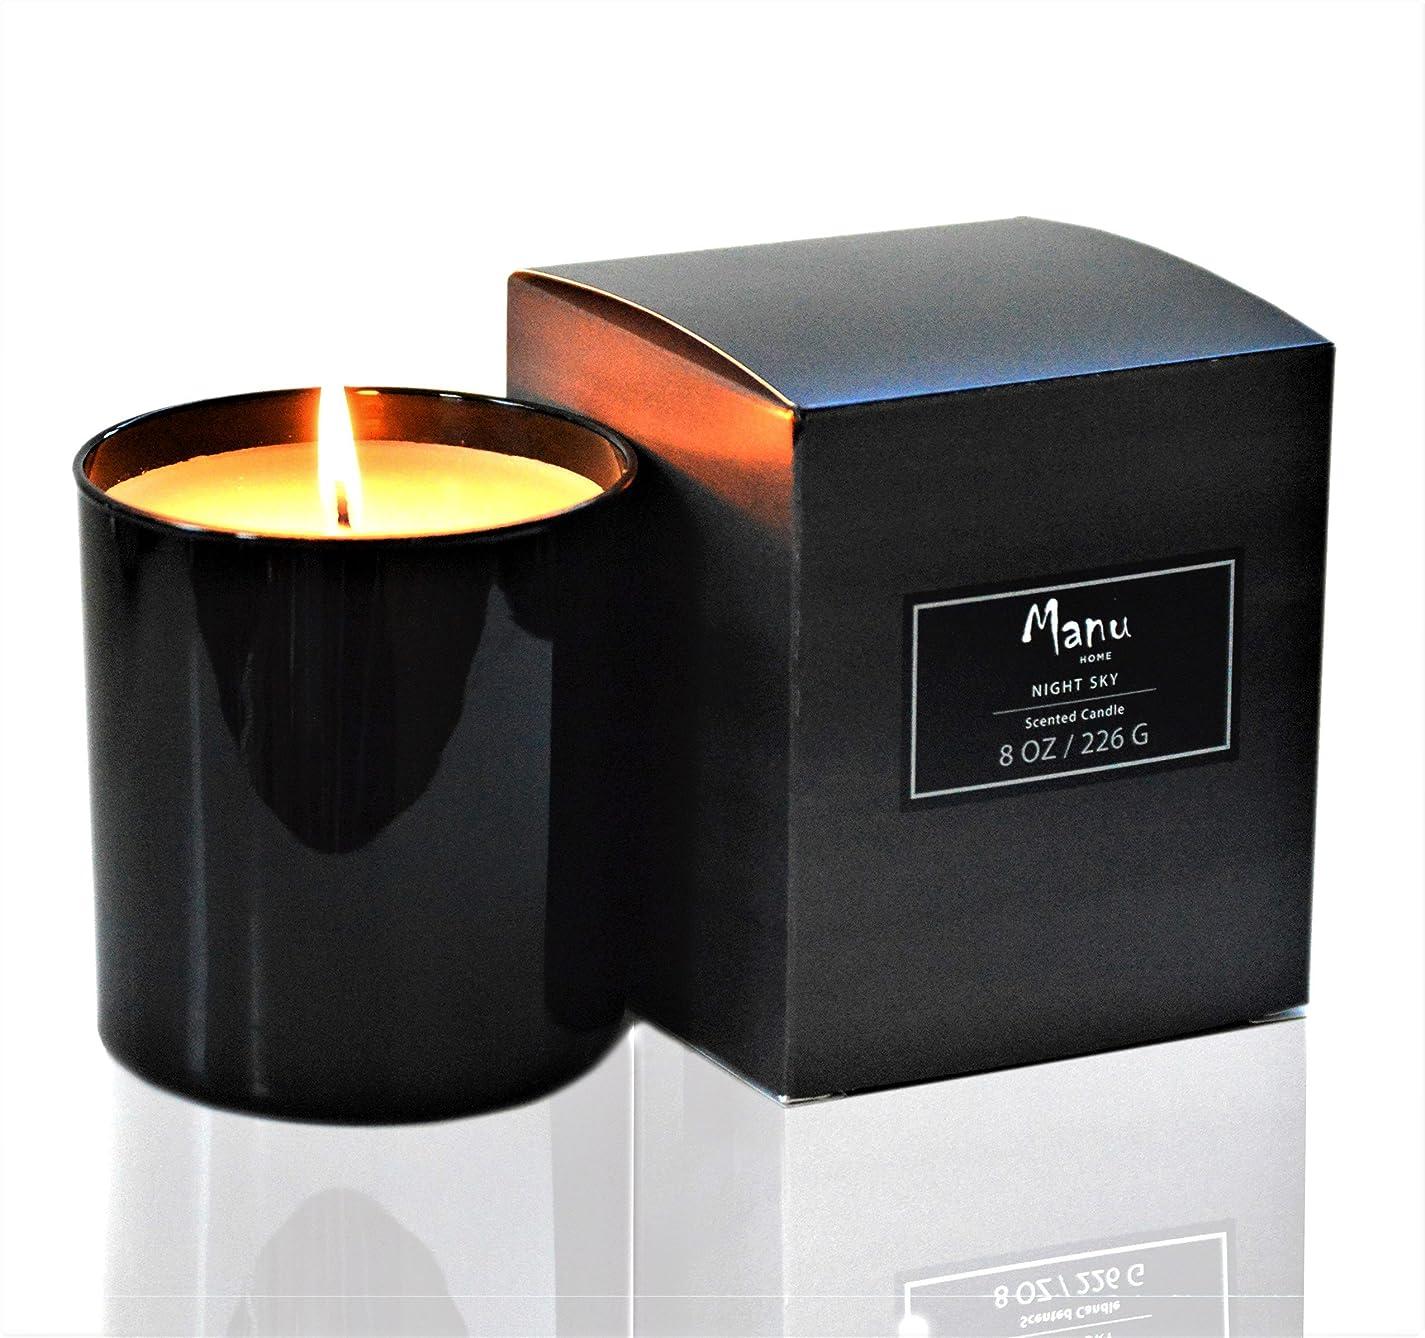 キルト欲望ソーセージCyber Week Special 。ManuホームNight Sky Scented Candle ~ A Refreshingライトの香りジャスミン、スエードとホワイトFrangipani ~ソフト香り~ Soothing Relaxation香り~ Great Gift 。